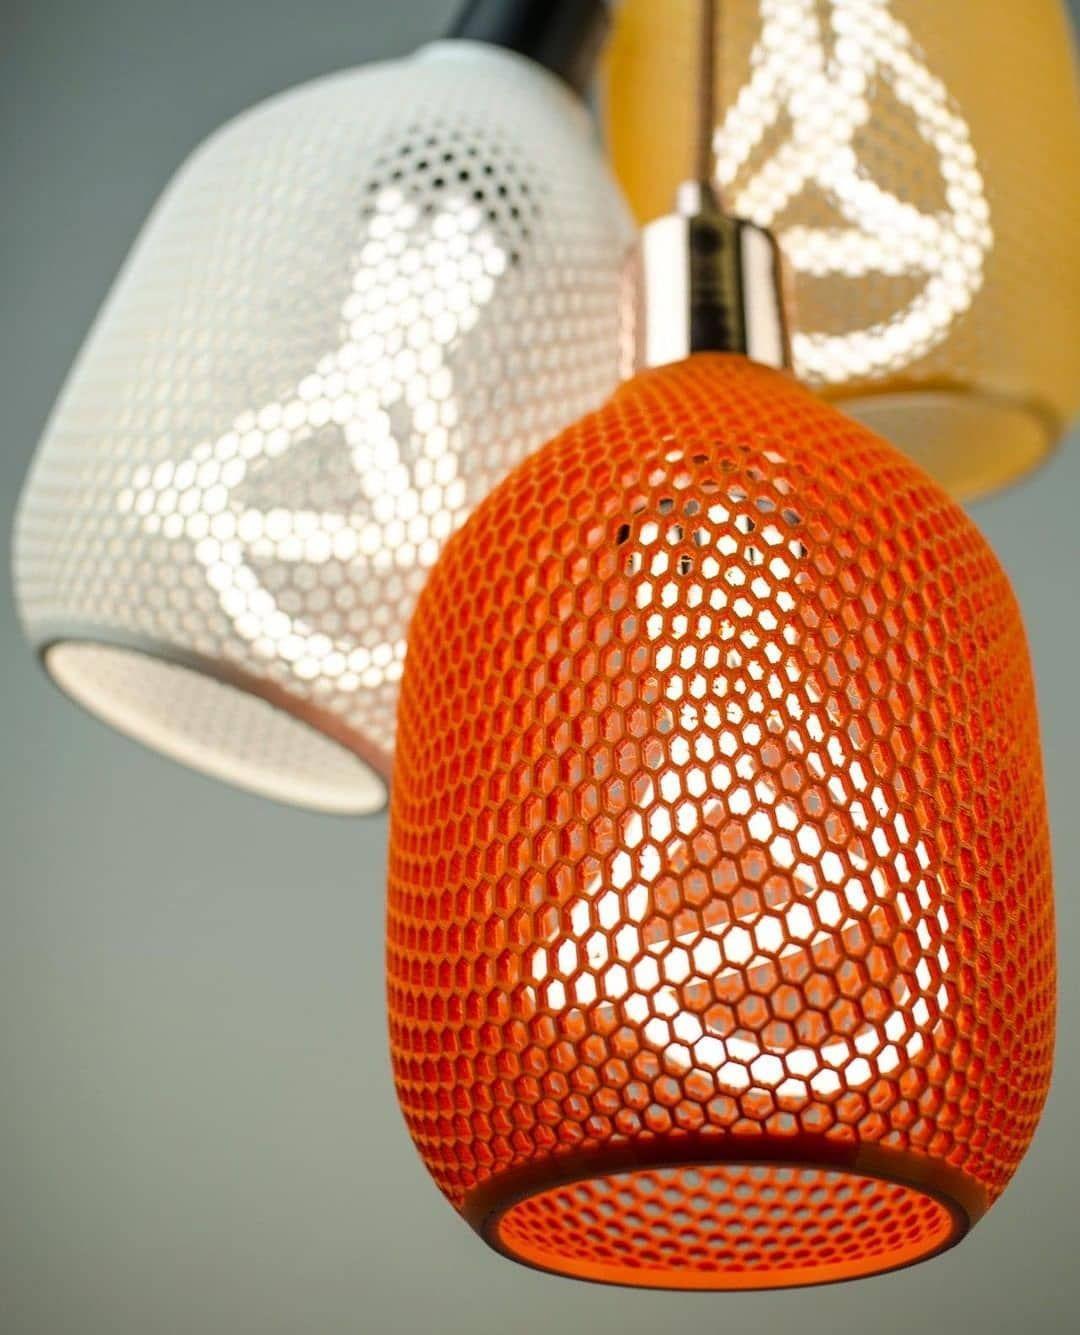 3d Gedruckte Beleuchtung Von Follow Fur Tagliche Designinhalte Und Inspiration 3d Drucker 3d Prints Inspiration